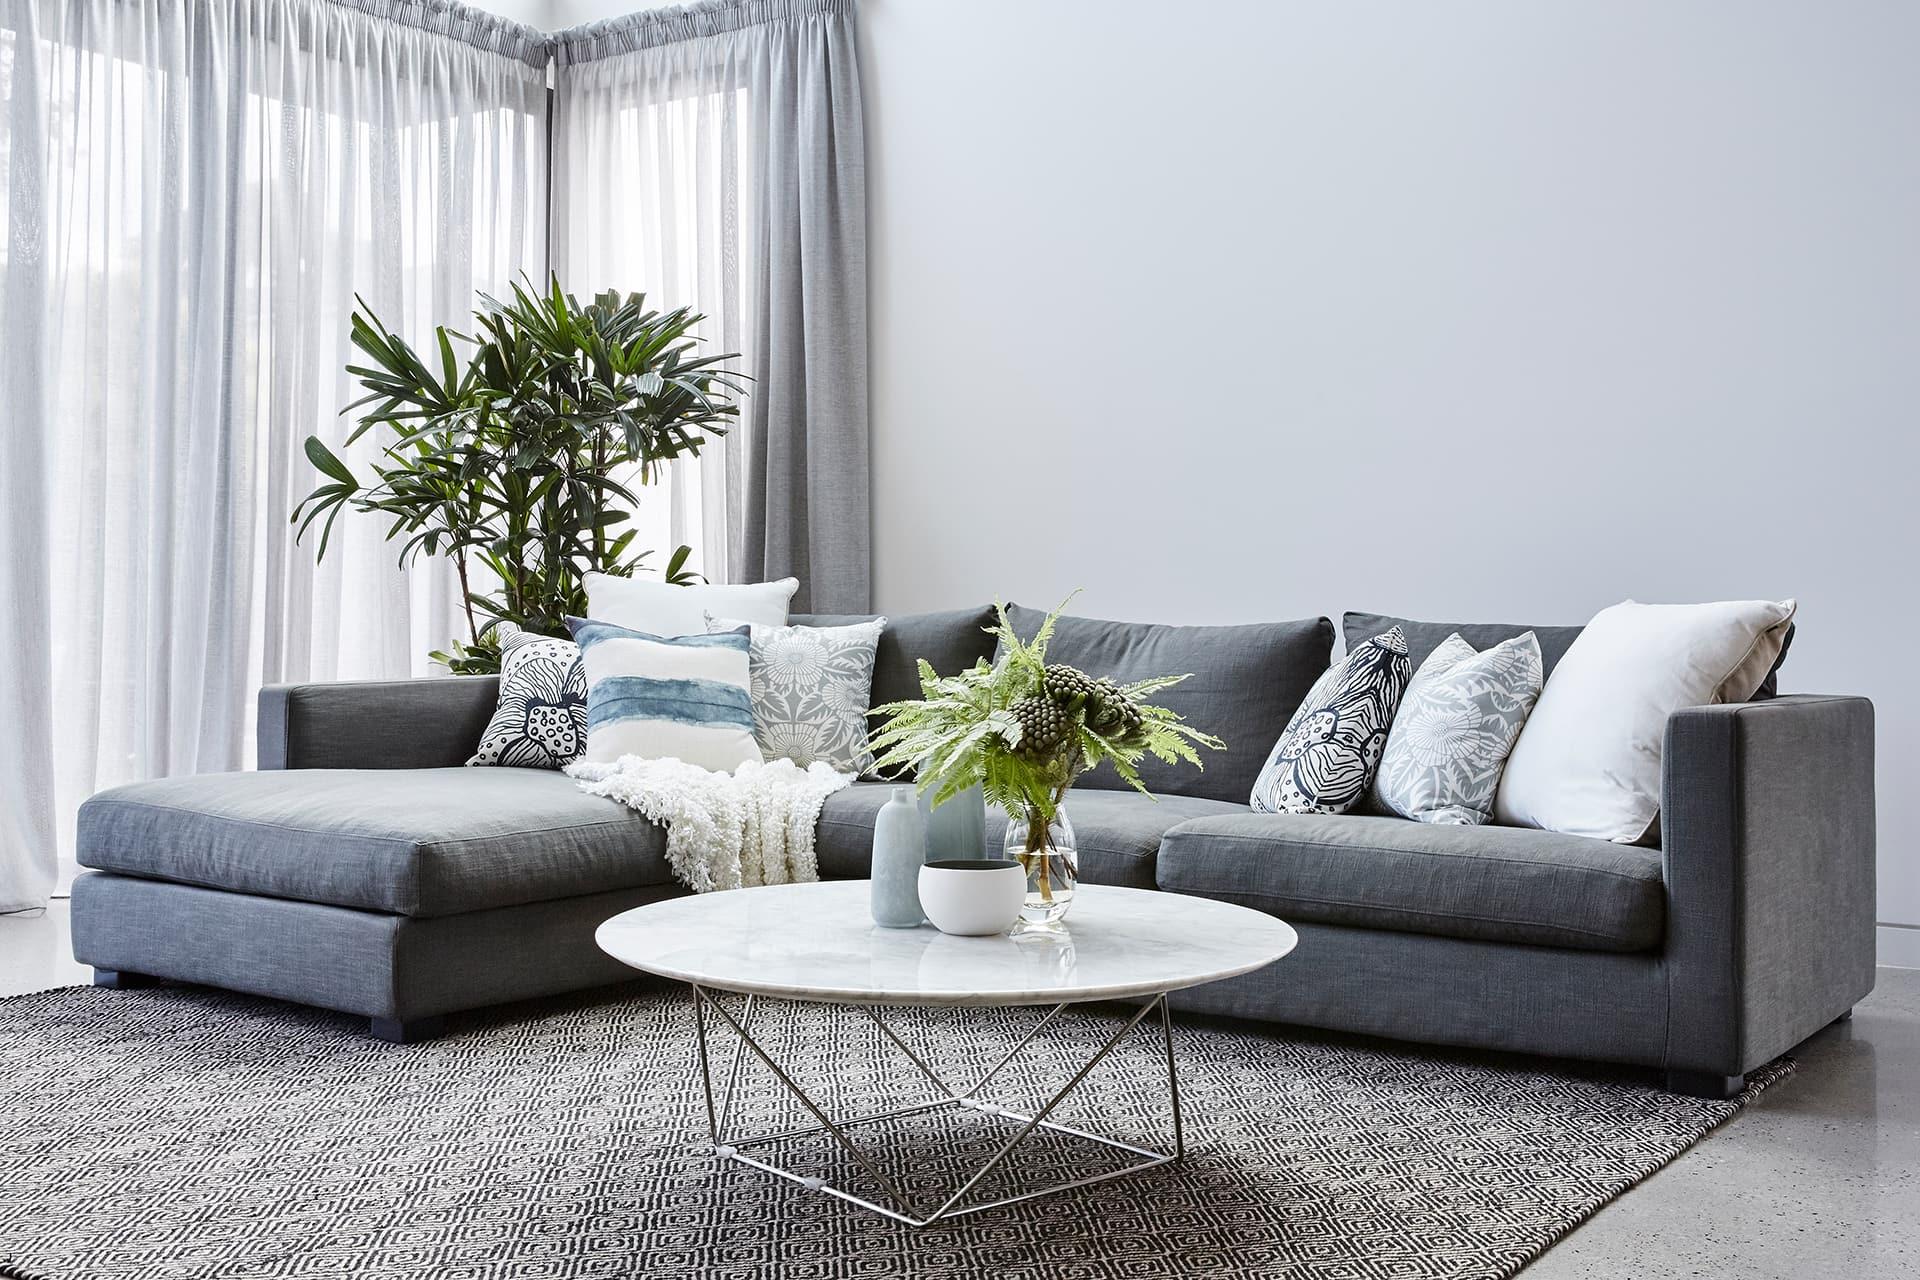 Cách chọn kích thước ghế sofa lý tưởng cho không gian nhà bạn - Ảnh 1.